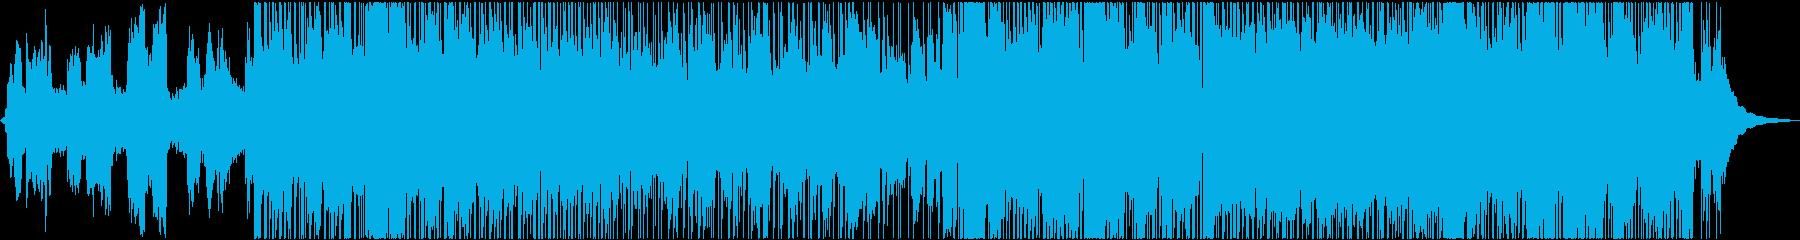 和風ノスタルジックの再生済みの波形